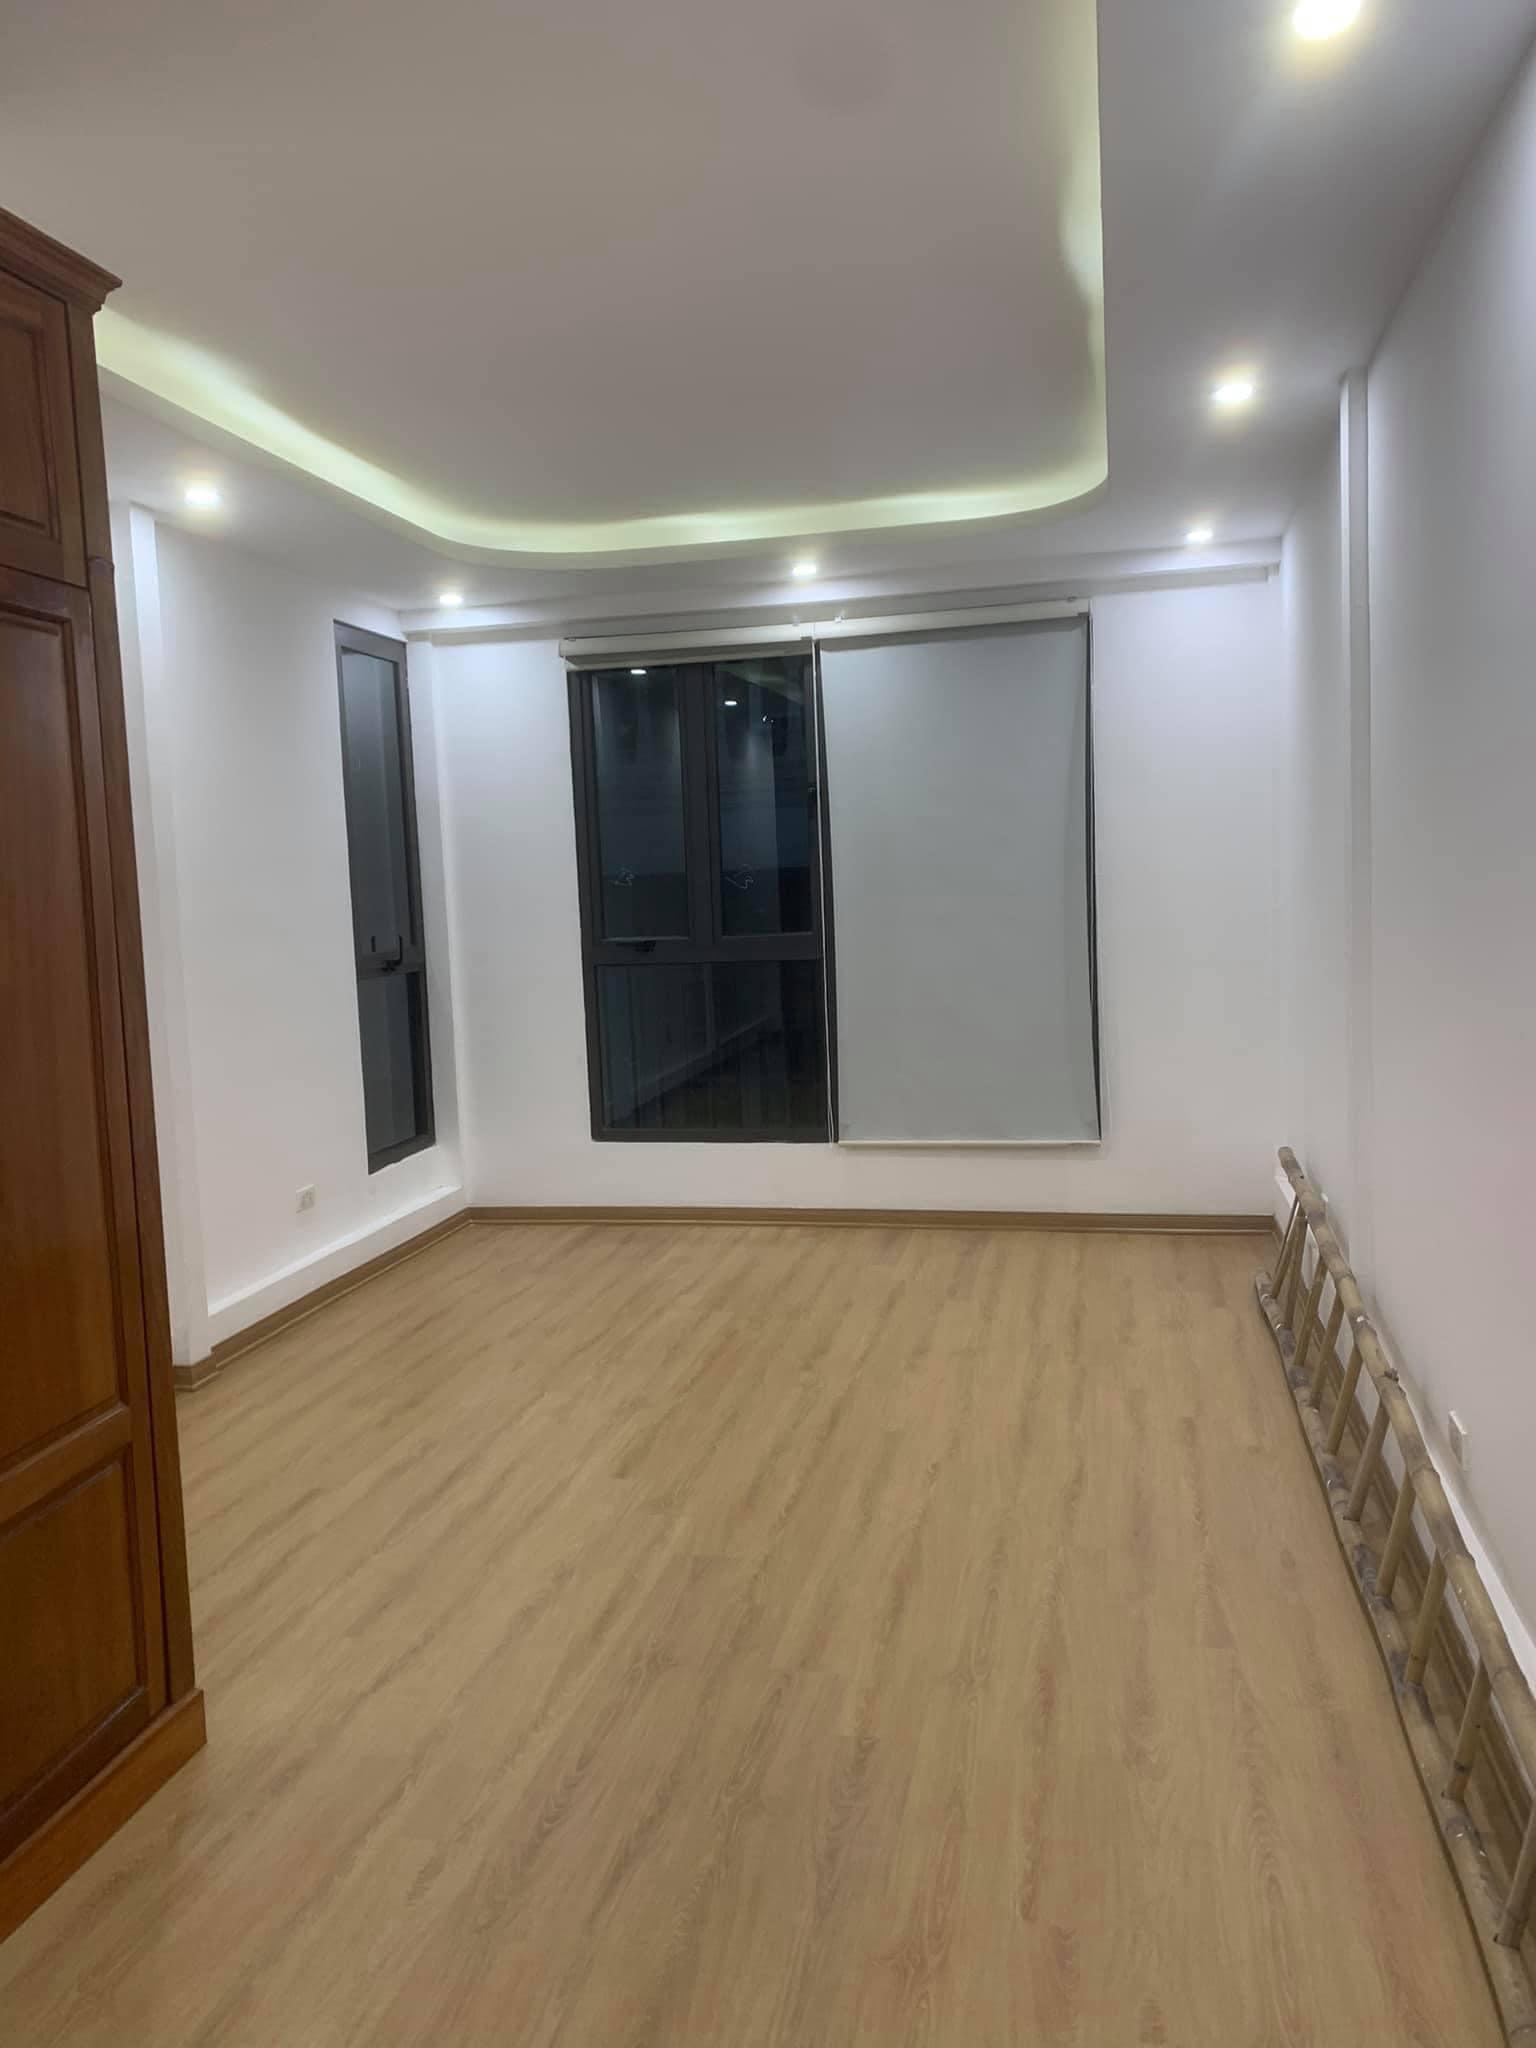 Bán nhà Kim Mã Thượng, ngõ ba gác, nội thất vip, 5 tầng, 45m2 chỉ 5 tỷ 5